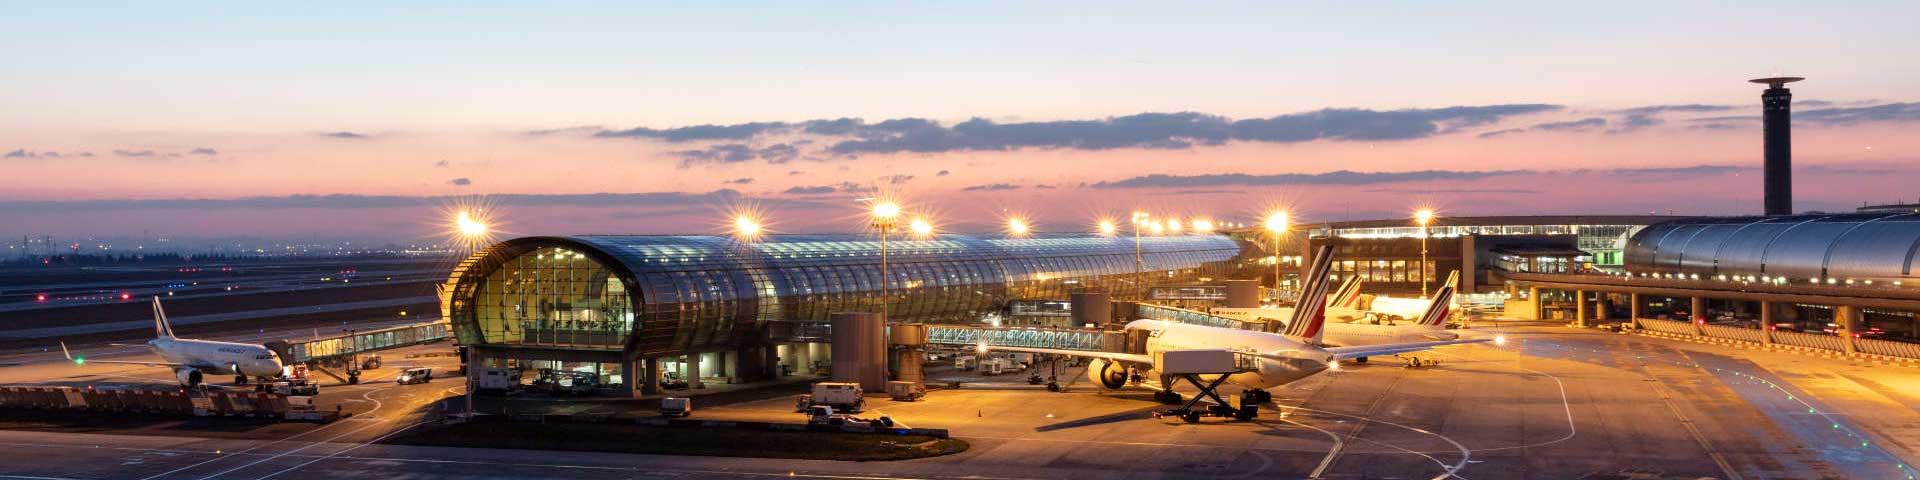 Ressources humaines, groupes, Aéroports de Paris